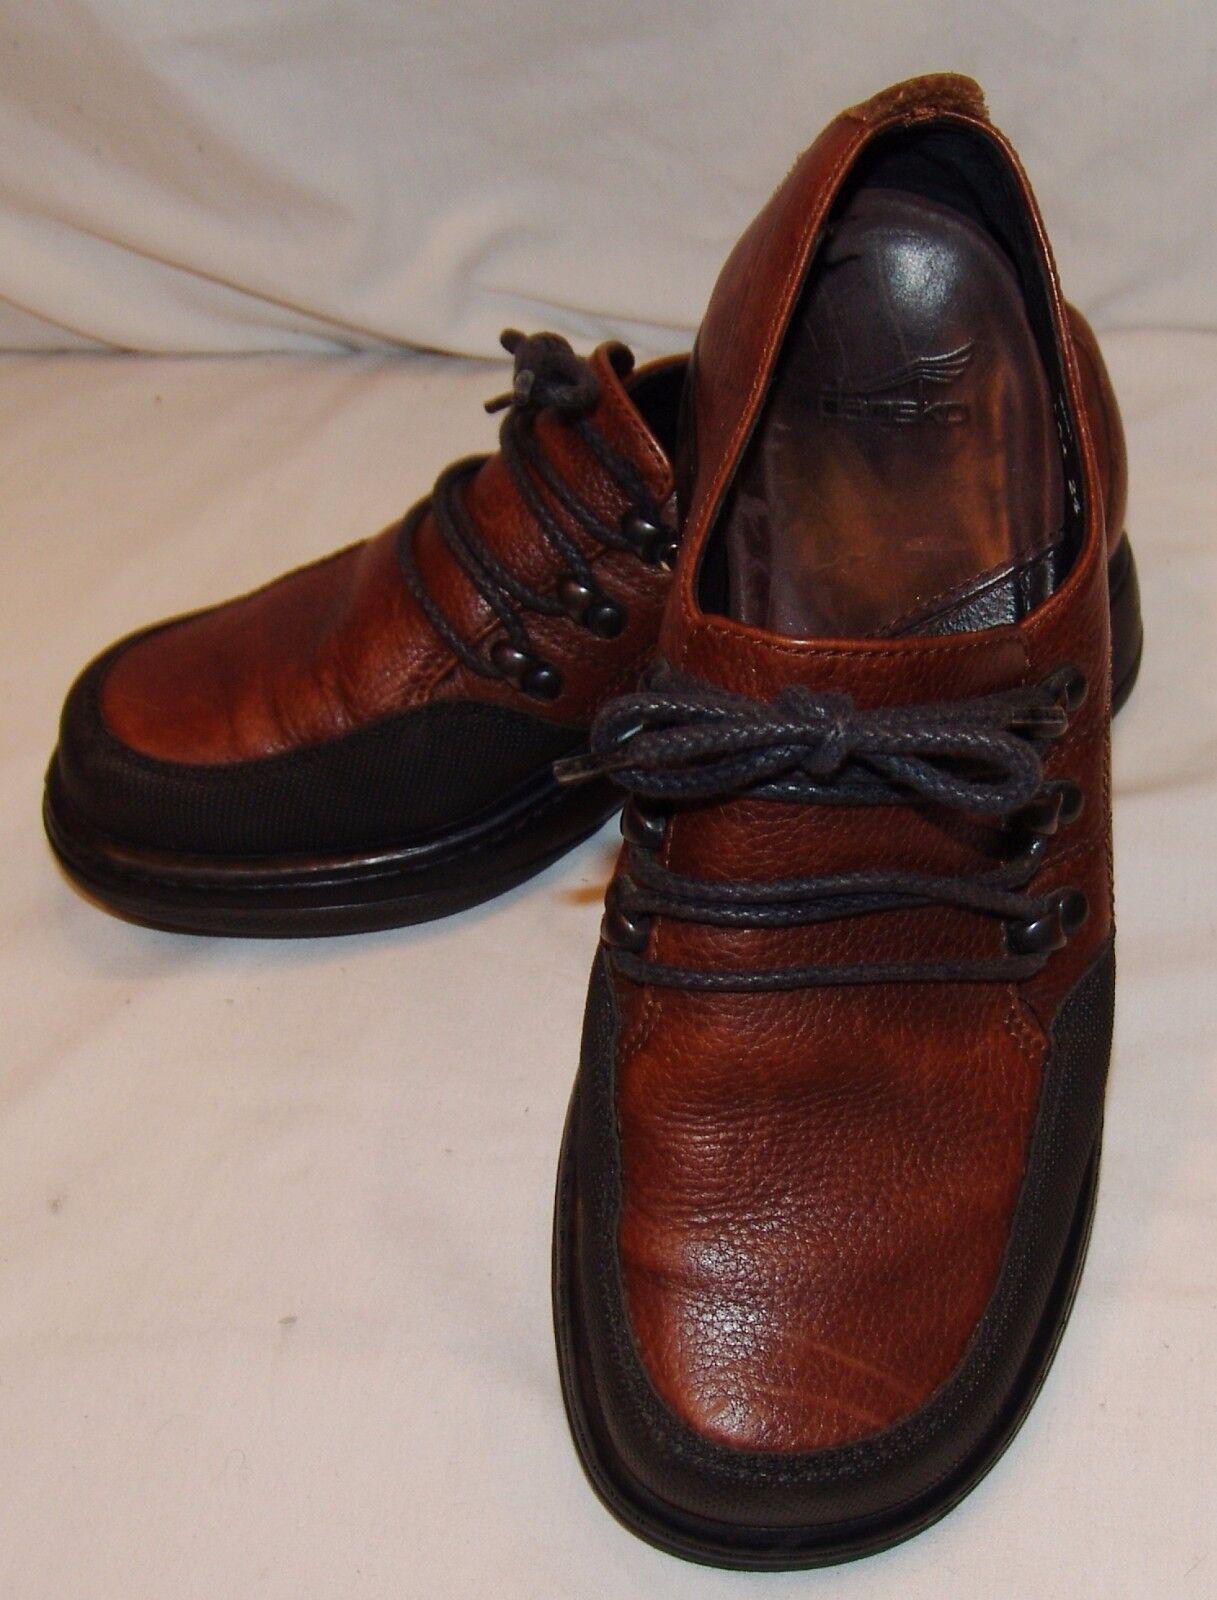 Dansko Zapatos Mujer Mujer Mujer Marrón con Cordones Piel Negra Enfermera Uniforme 37 6.5 7  tienda hace compras y ventas